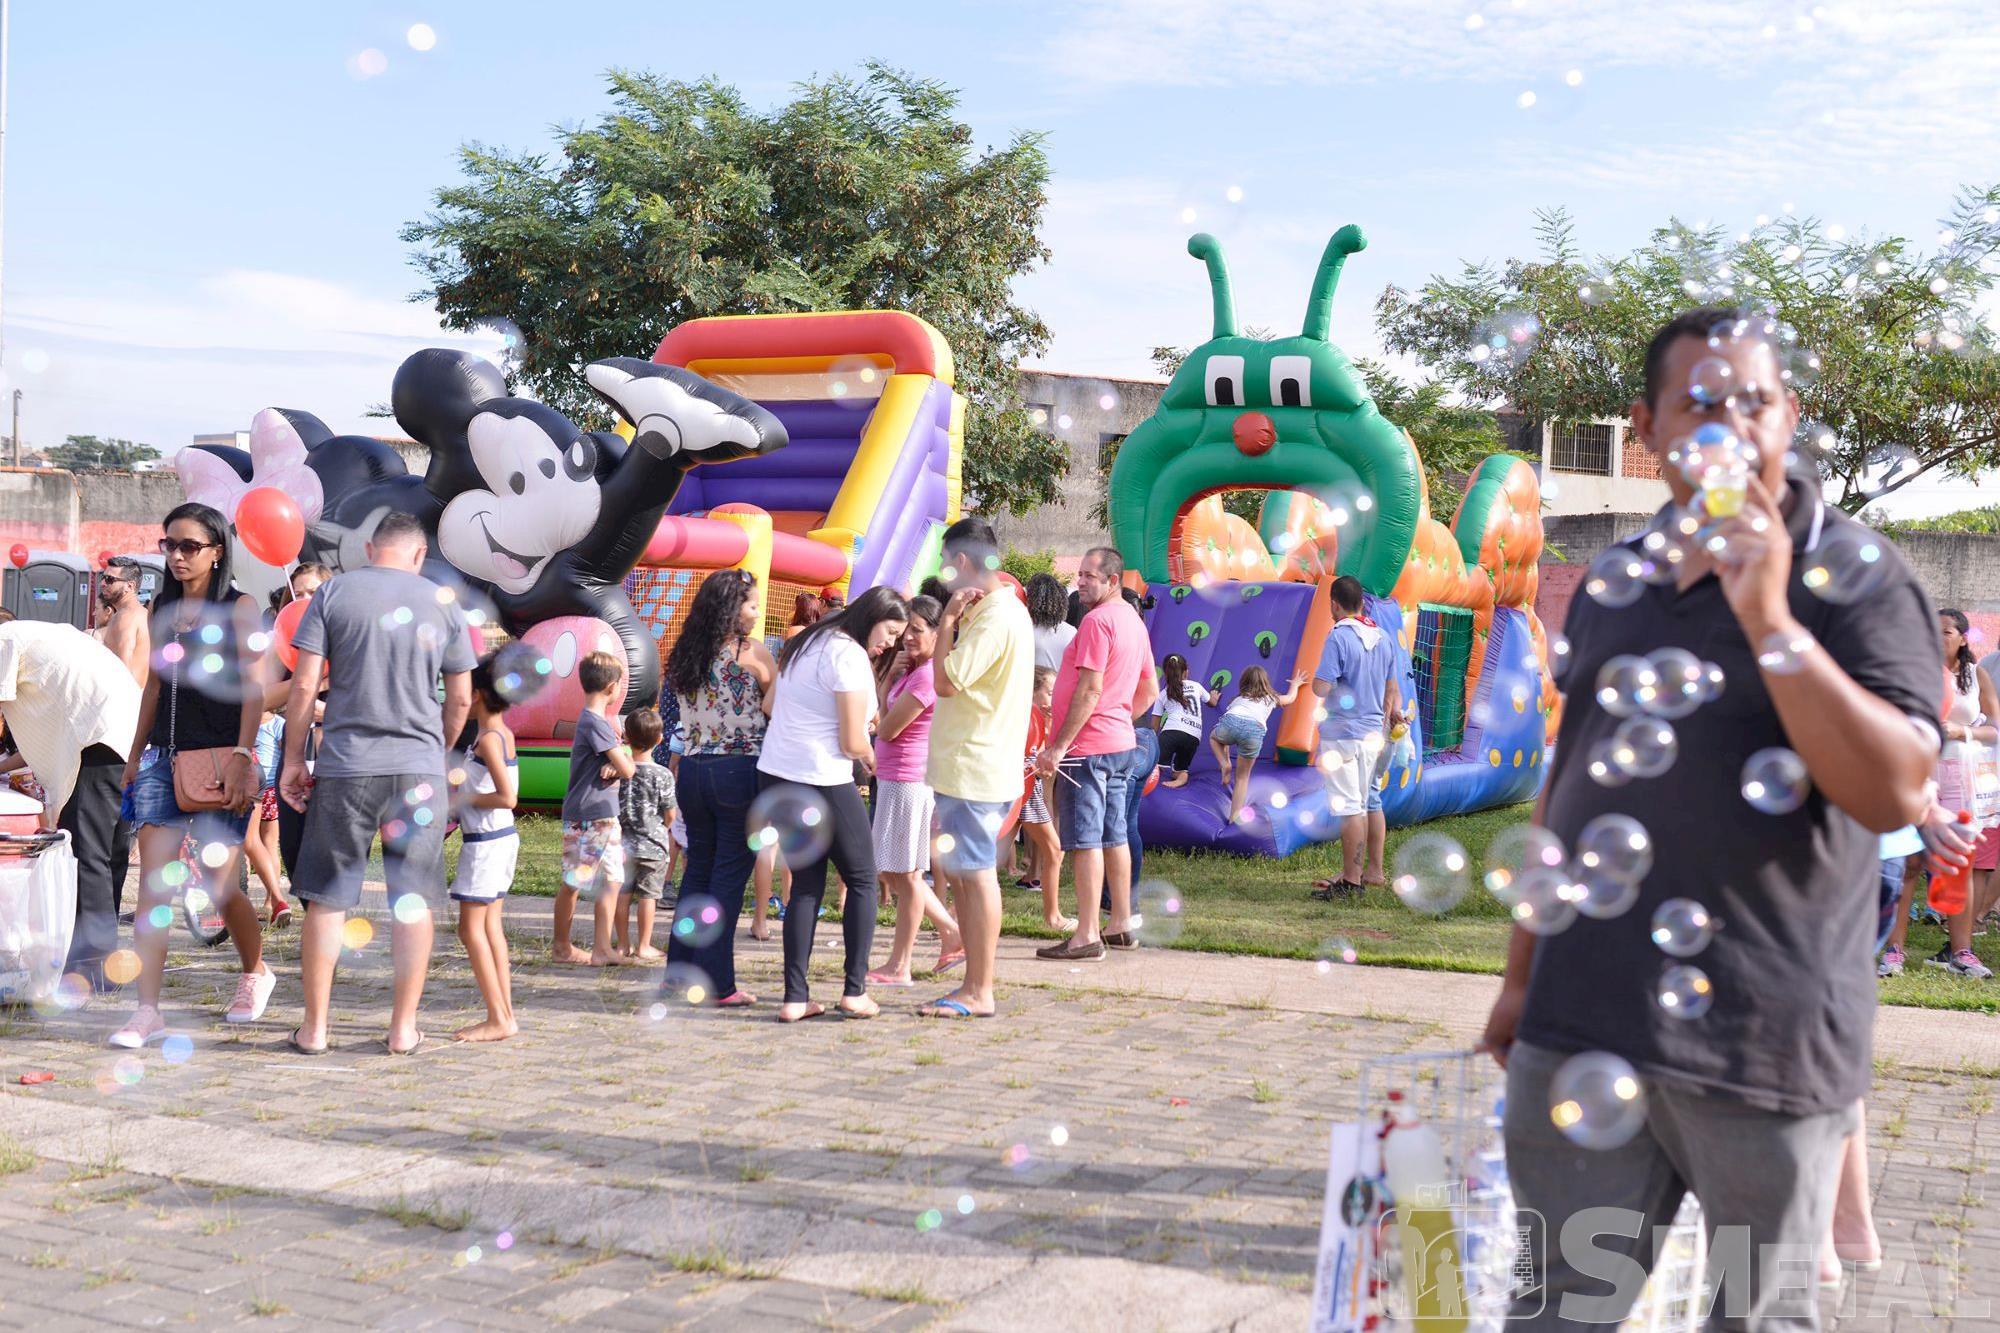 Mais de 15 mil pessoas,  de todas as idades e estilos,  compareceram ao Parque dos Espanhóis no evento de 1º de Maio dos Metalúrgicos de Sorocaba, maio,  espanhois,  sorocaba,  trabalhador,  smetal,  parque, Foguinho / Renata Rocha / Cássio Freire /